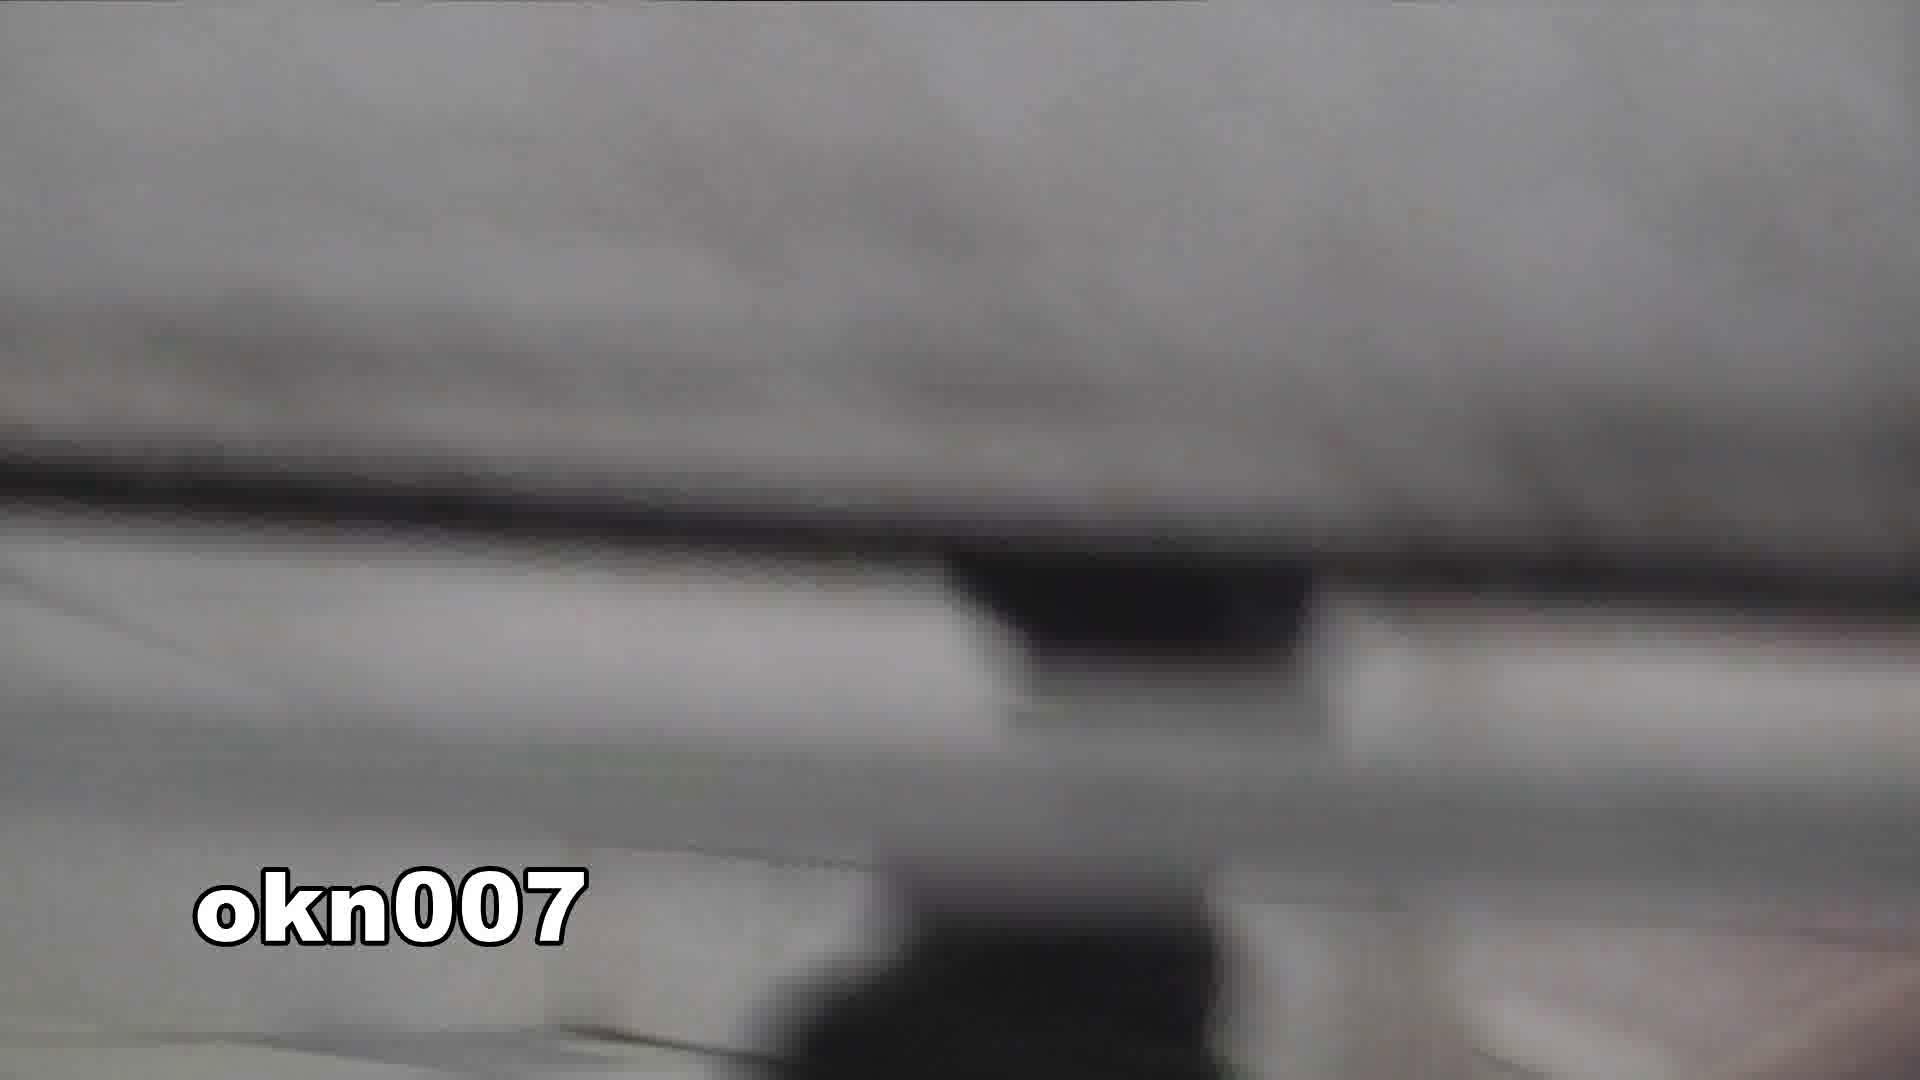 下からノゾム vol.007 クパッと広げて叩いてブルッ! 洗面所  57PIX 38